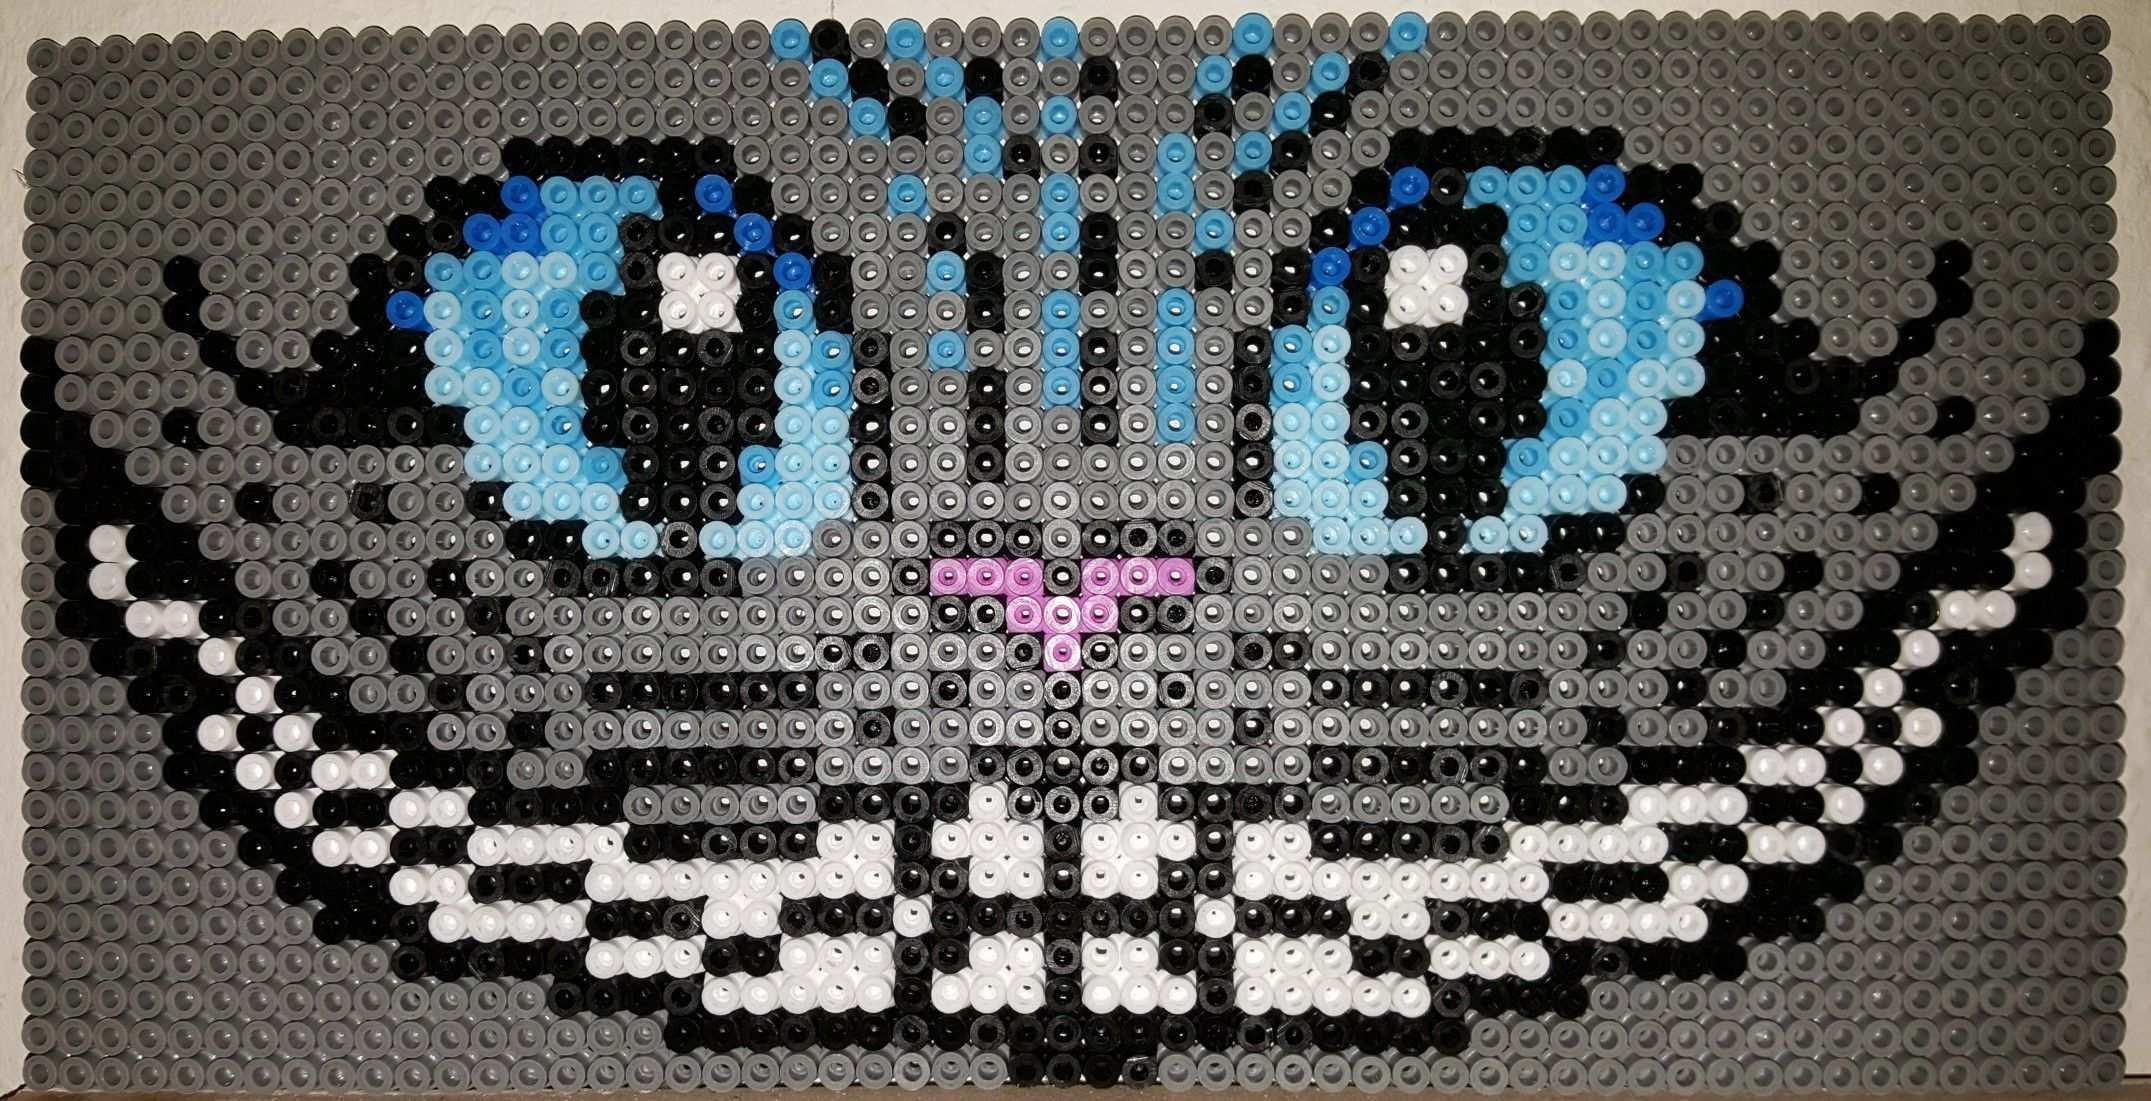 Grinsekatze Cheshire Cat Bugelperlen Hama Beeds Bugelperlen Bugelperlenbilder Bugelperlenvorlagen